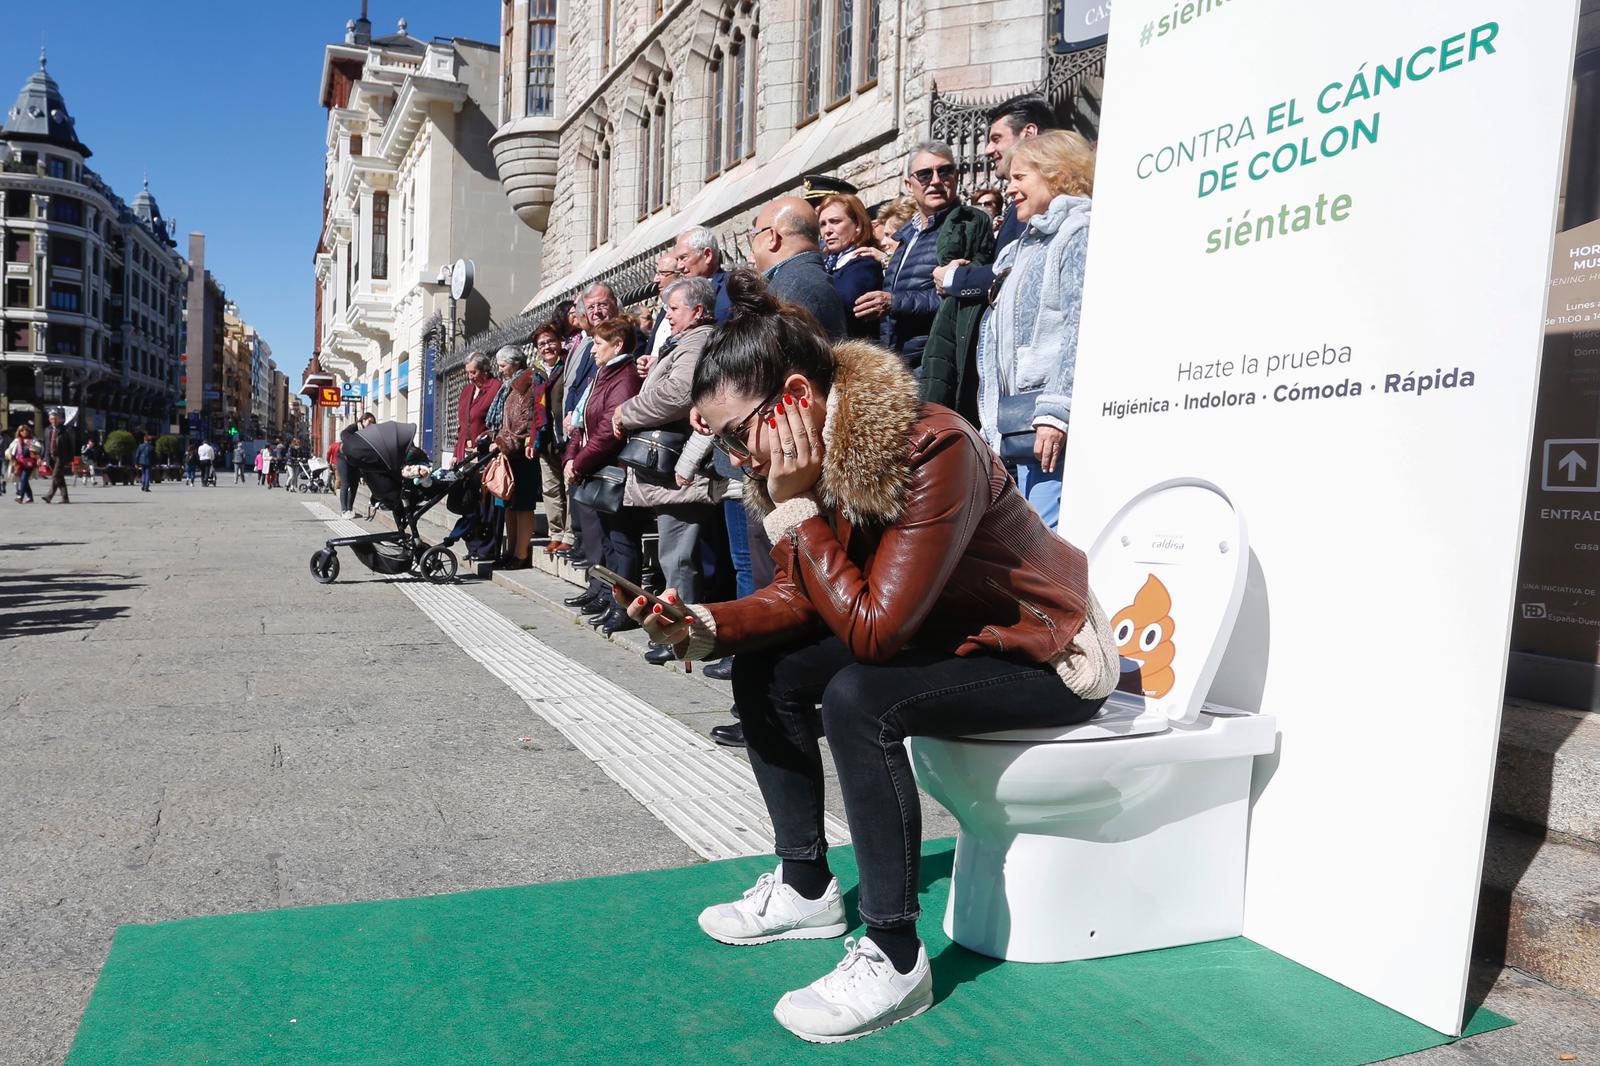 Contra el cáncer de colon, siéntate